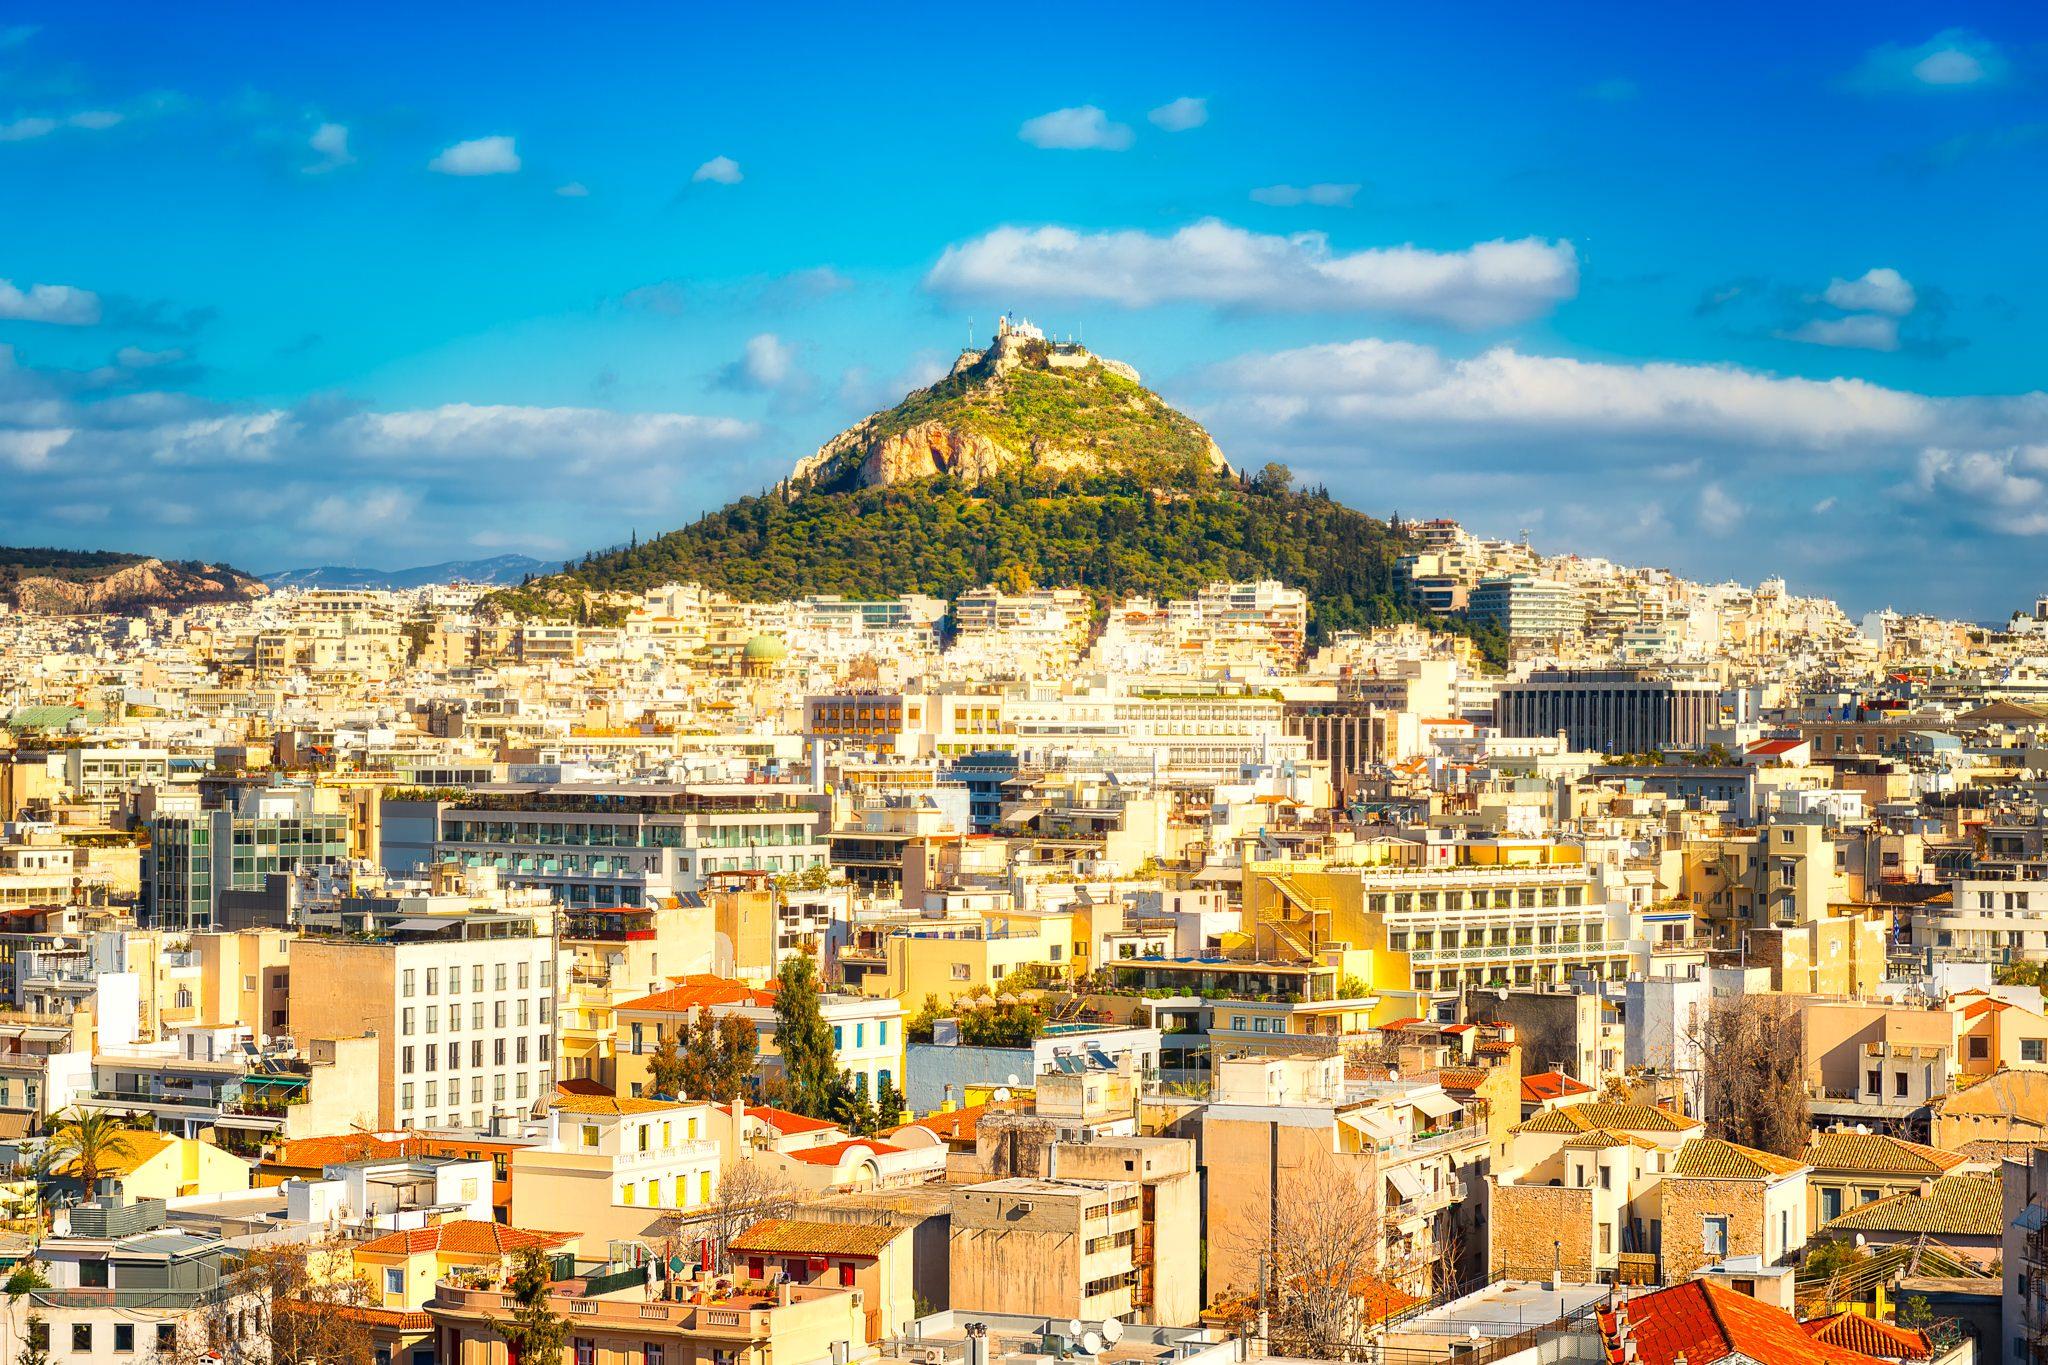 Panoramablick an einem sonnigen Tag auf den Berg Lykabettus, der im Zentrum von Athen liegt.